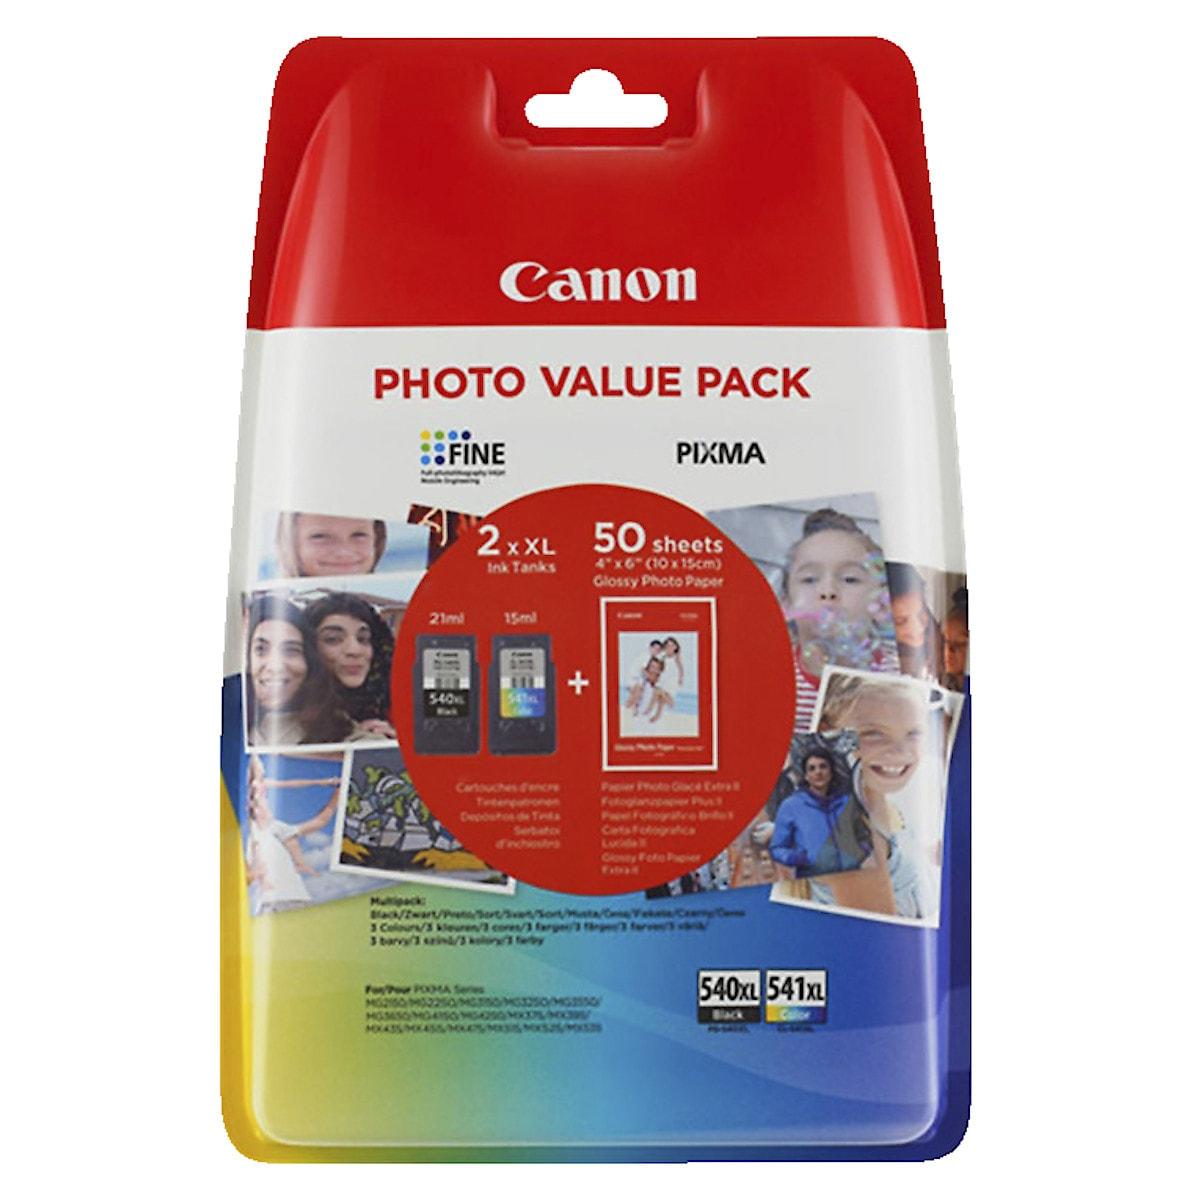 Bläckpatron Canon PG-540 / CL-541